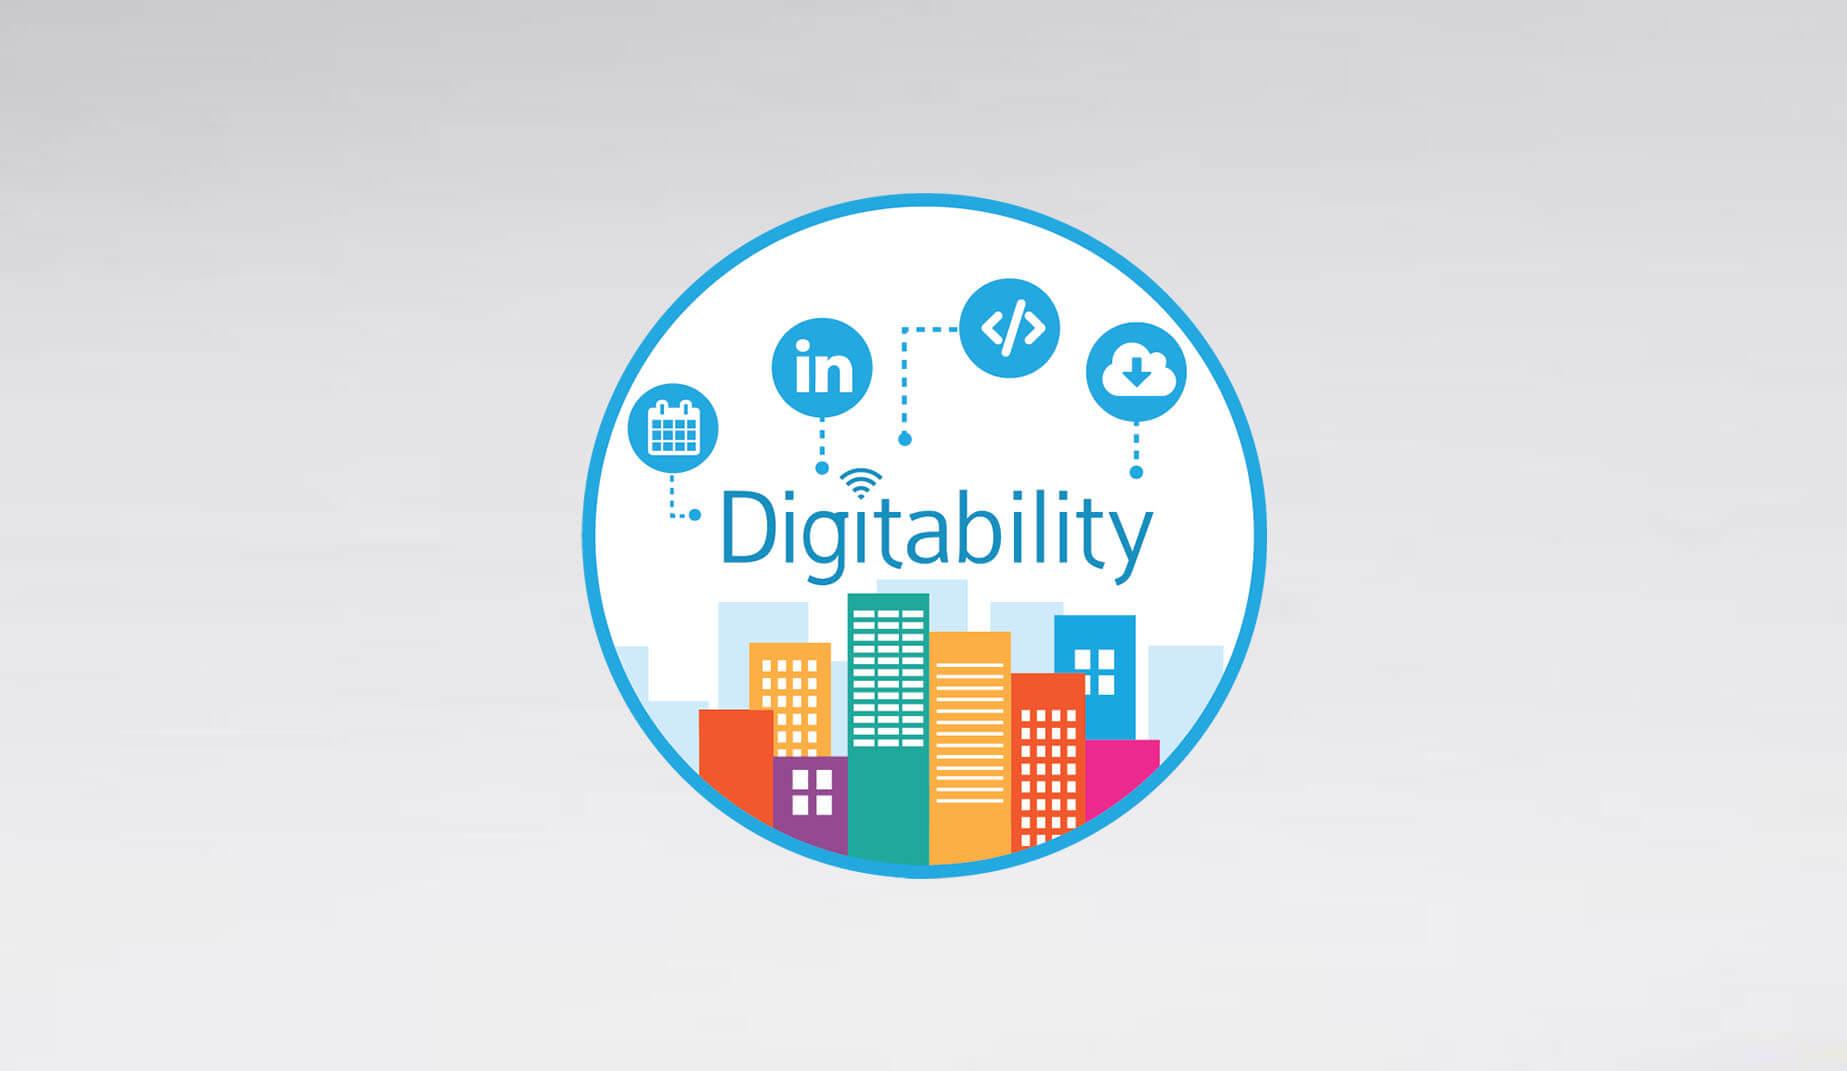 Why Digitability 2